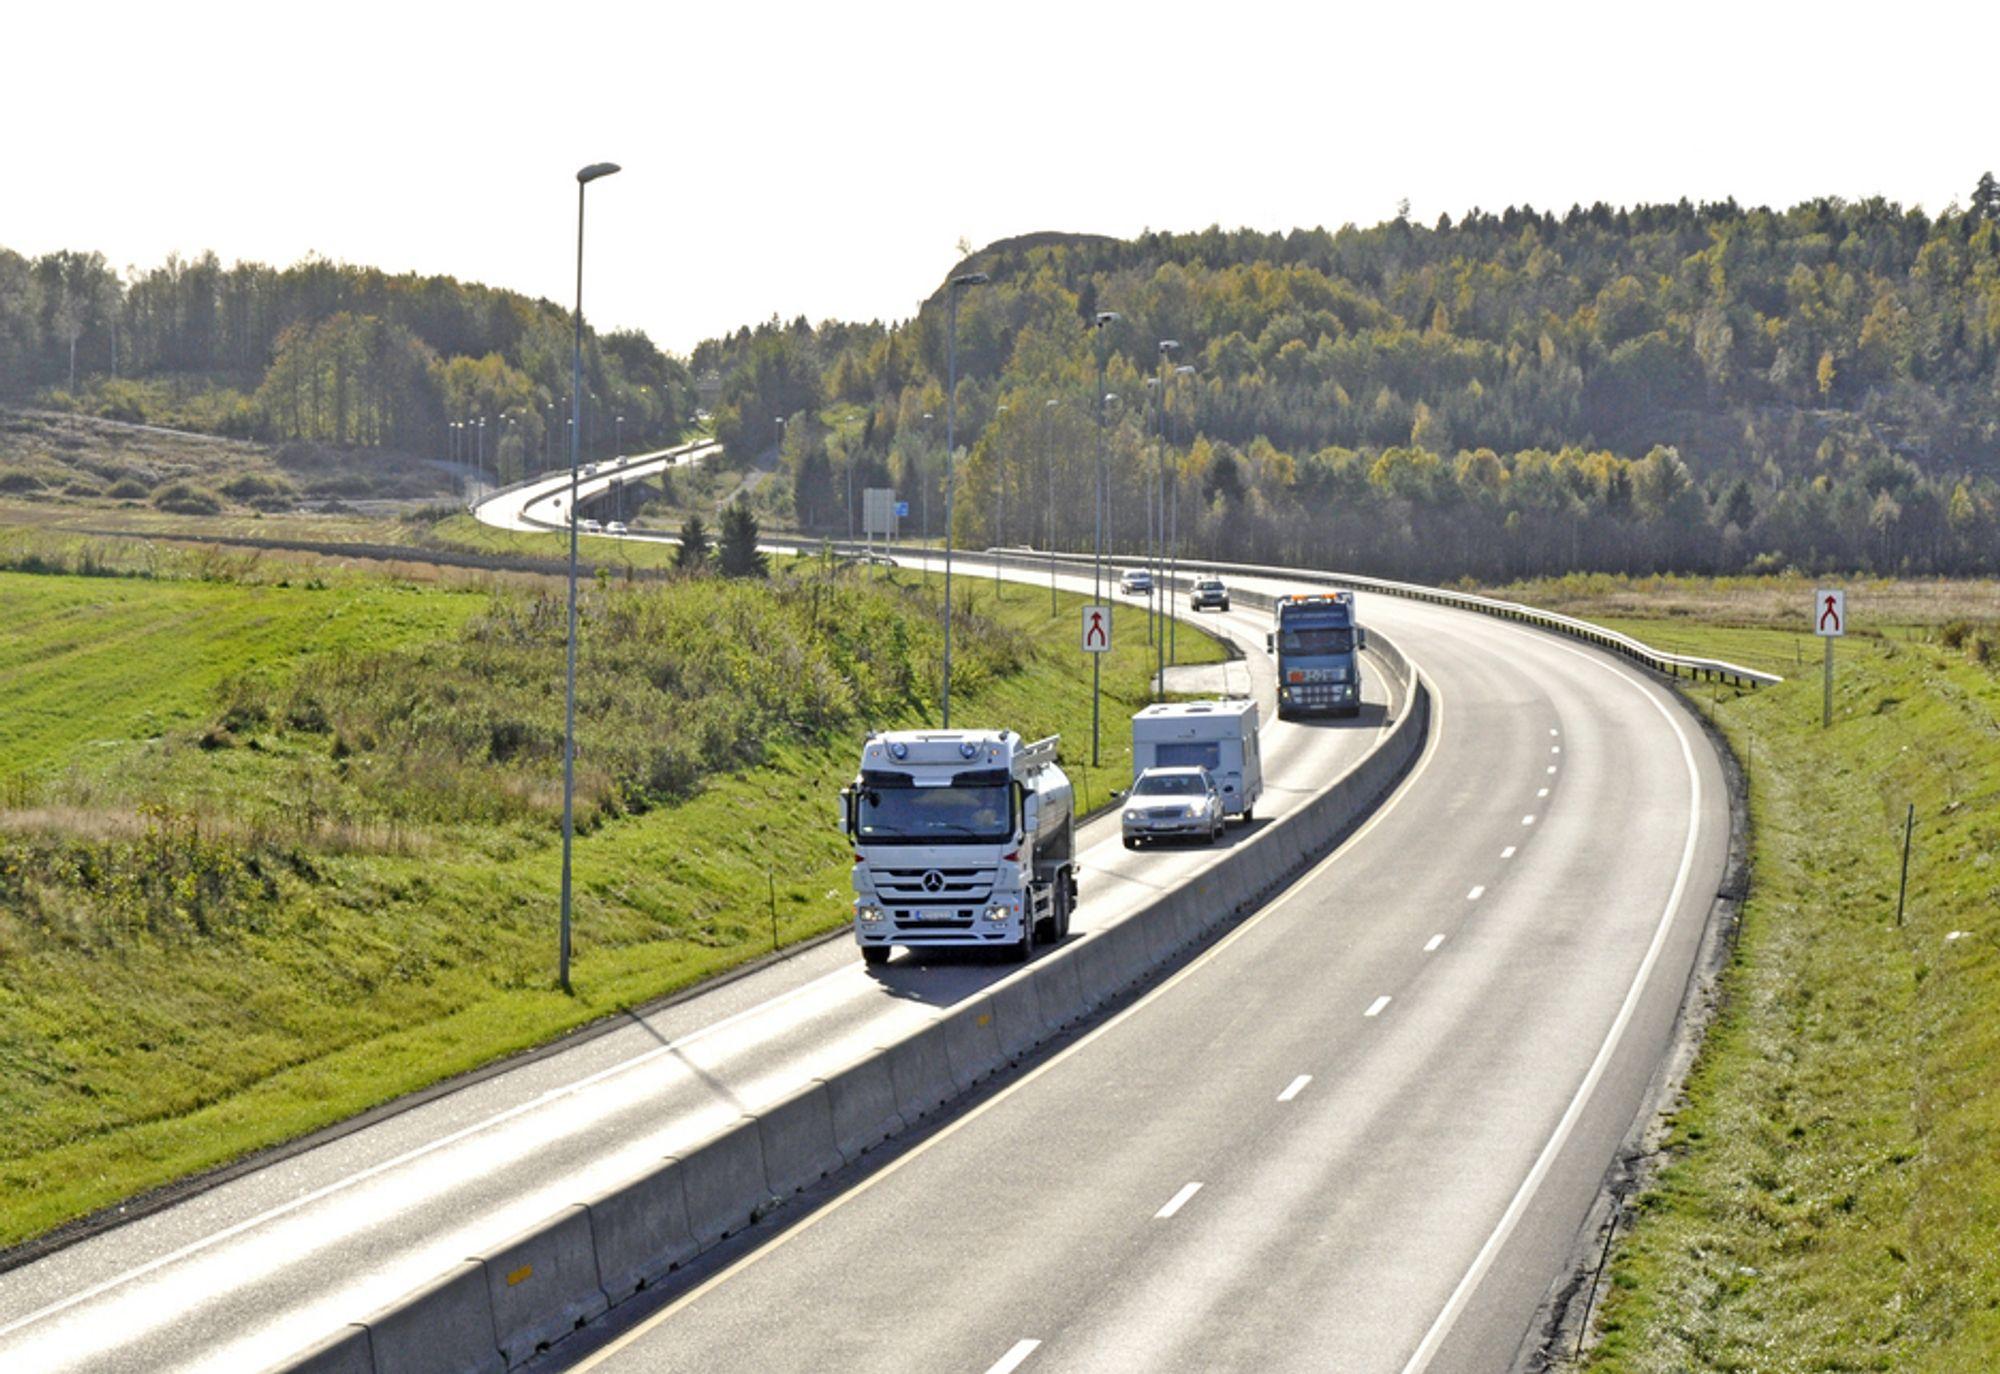 Veidekke skal utvide E 18 mellom Holmene og Tassebekk. Denne strekningen sør for Borgekrysset blir framtidig nordgående kjørebane på E 18. Midtdeleren blir fjernet og antall felt redusert fra tre to to.